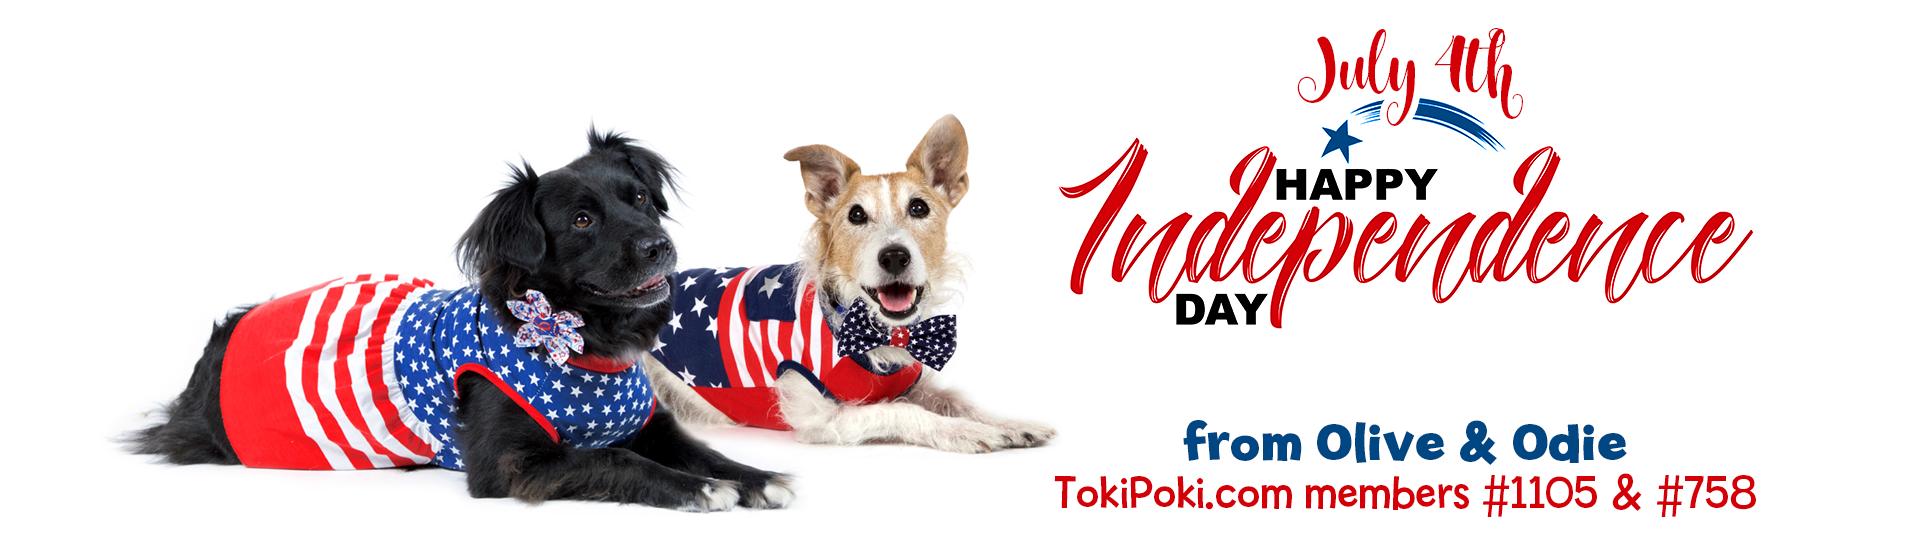 Toki Poki 4th of July